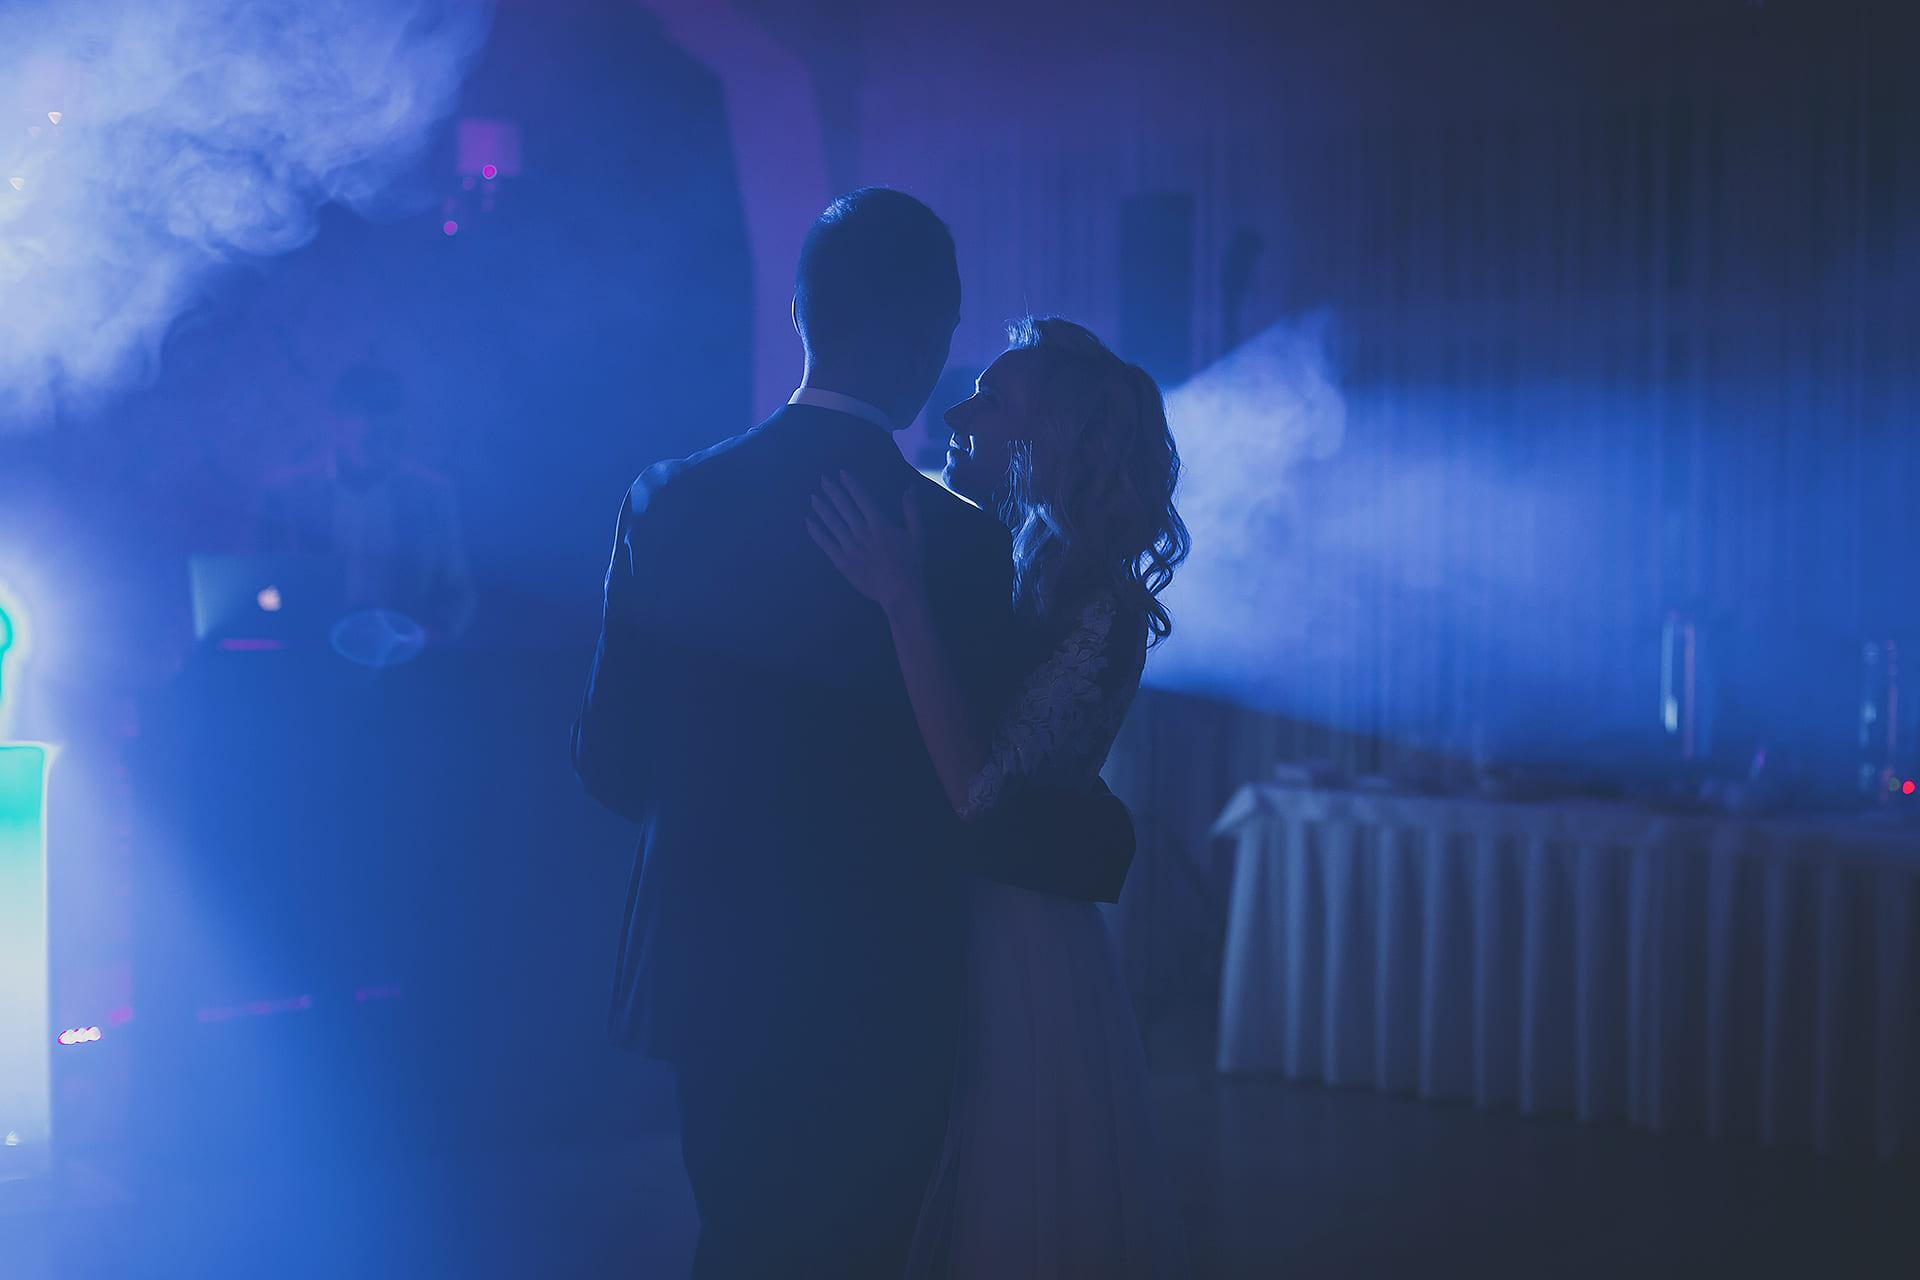 Romantyczny taniec pary młodej